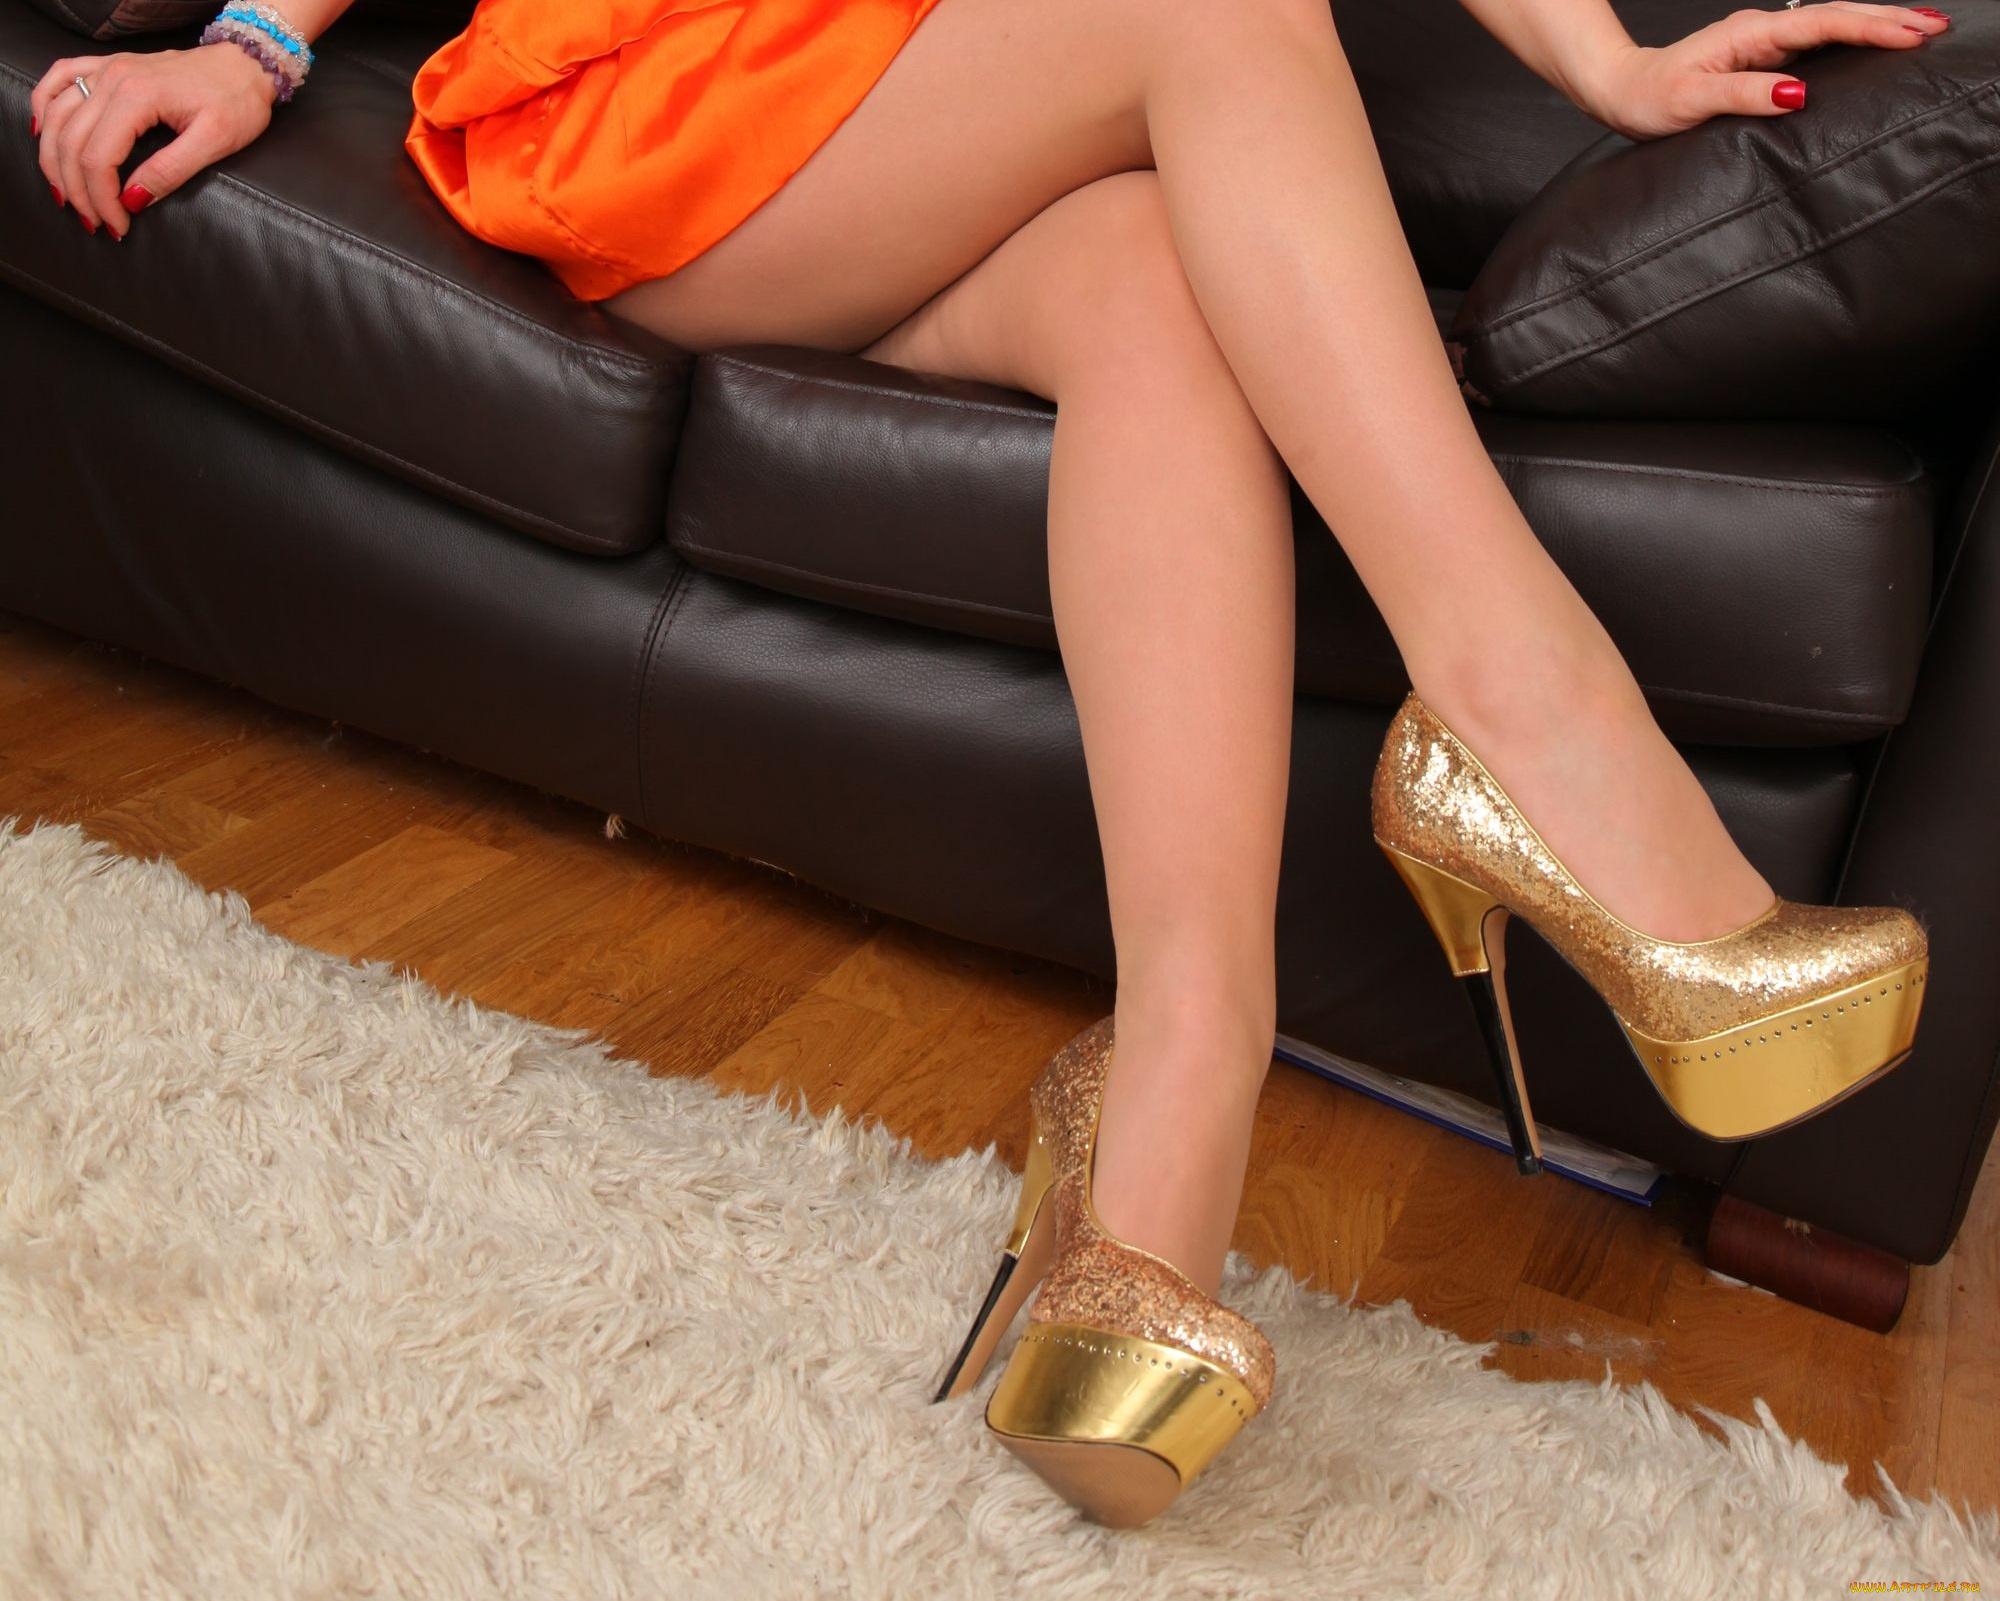 Хочу пышные ноги, Худые ноги как сделать толще? 13 фотография